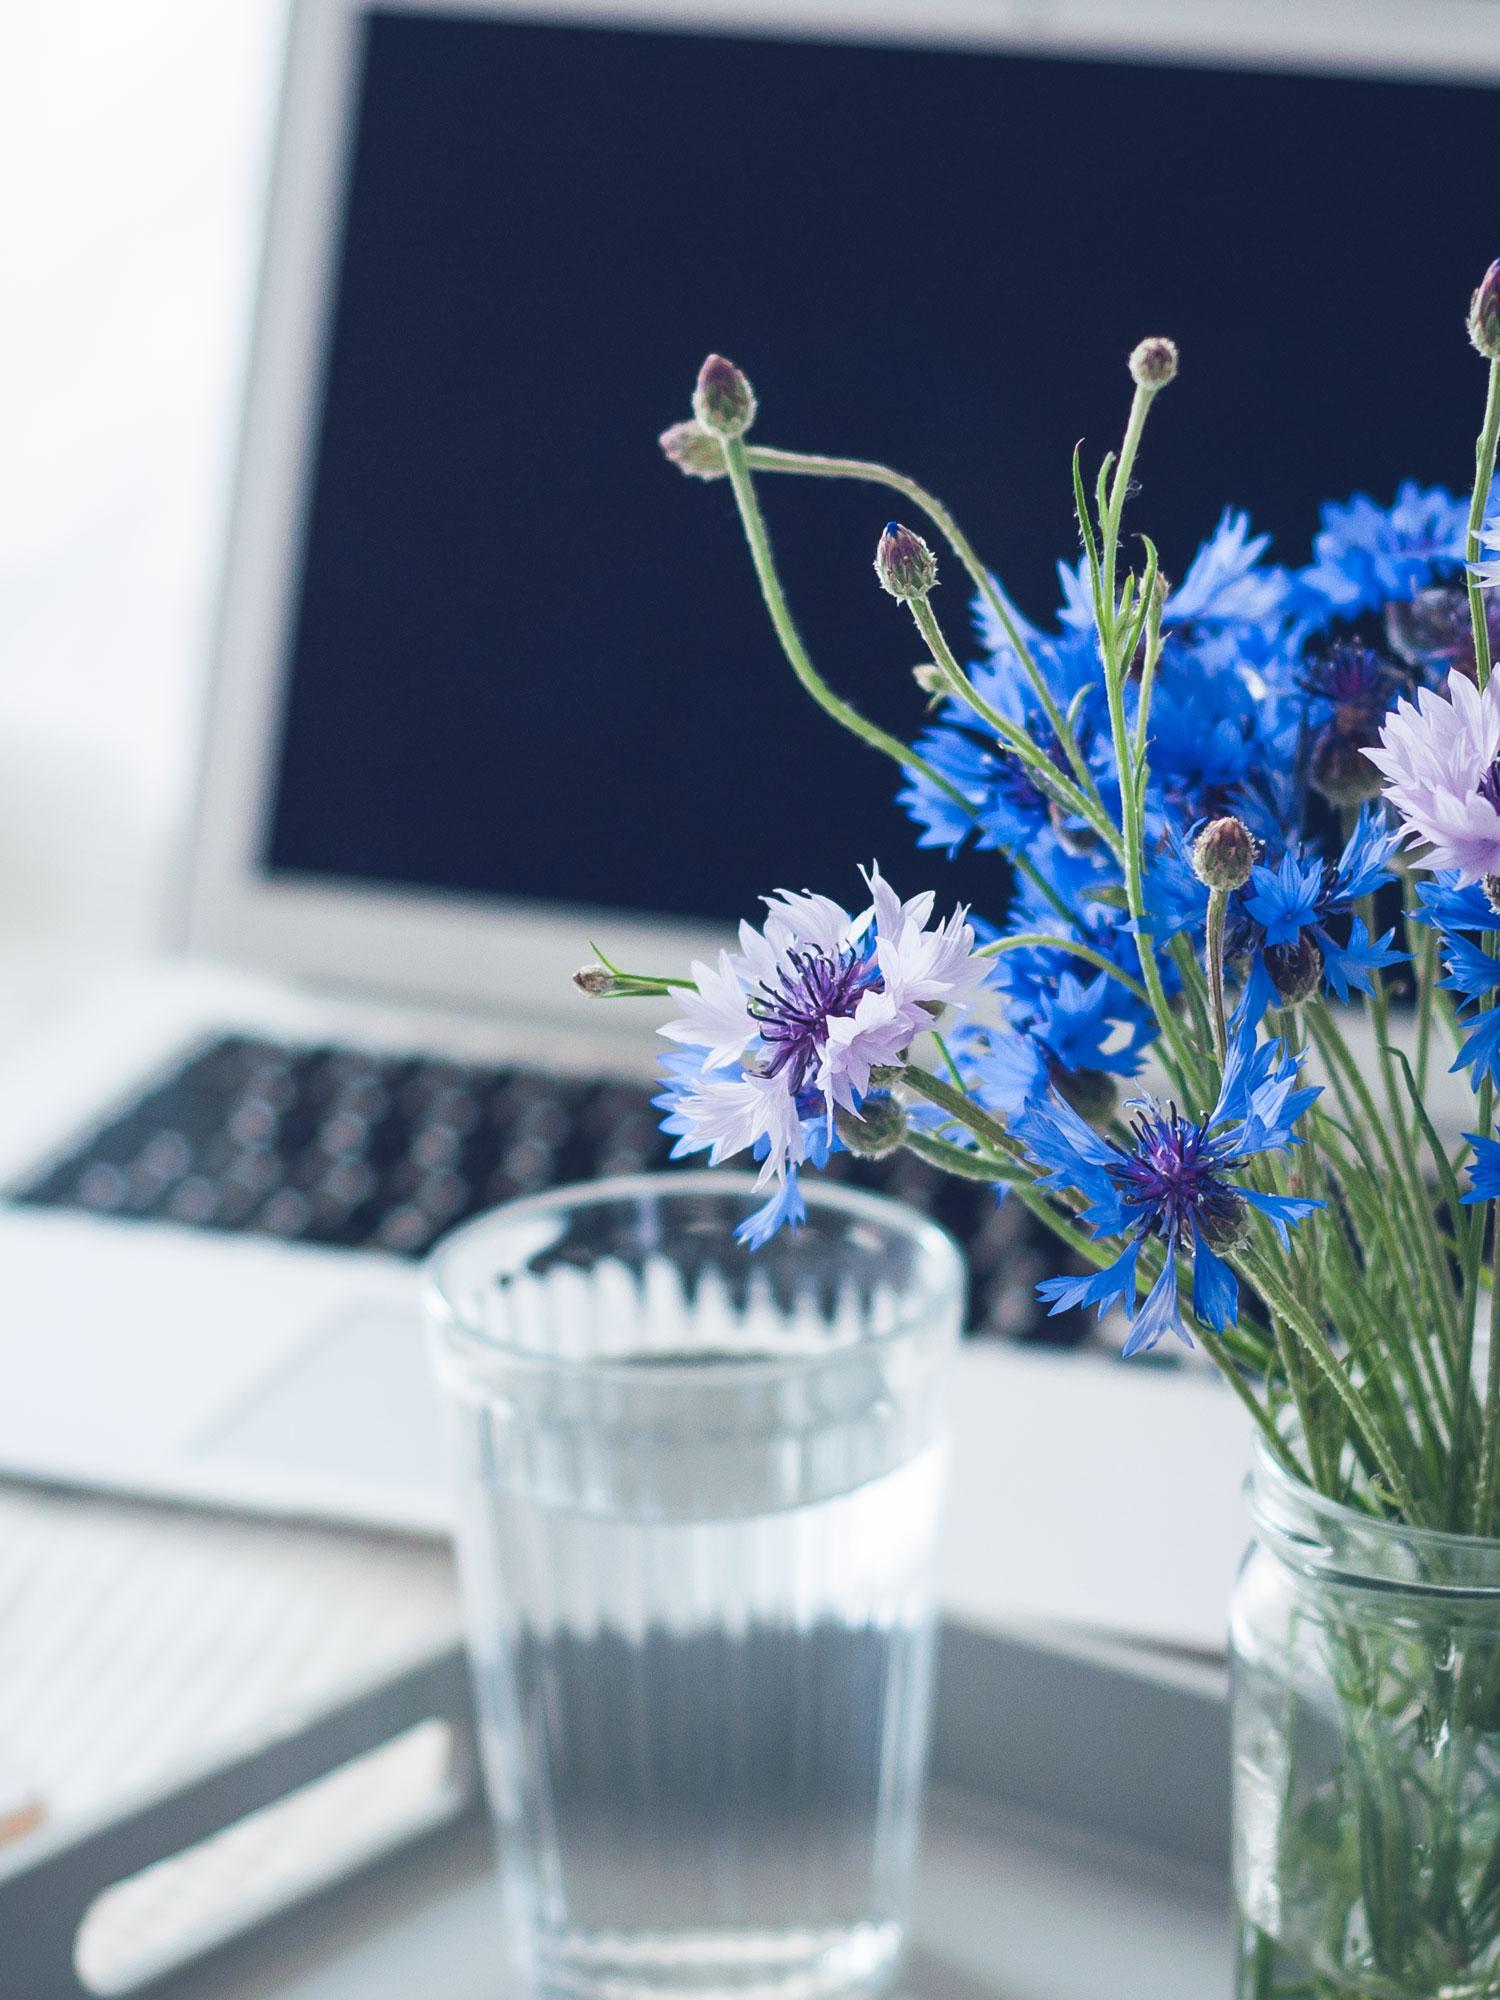 Der Sommer ist da und das Arbeiten im Büro schlaucht dich komplett? Mit diesen 9 Tipps bleibst du fit, gesund und konzentriert trotz Hitze. #Tipps #Arbeit #Beruf #Sommer #Hitze #Abkühlung #Entspannung #Fokus #Konzentration